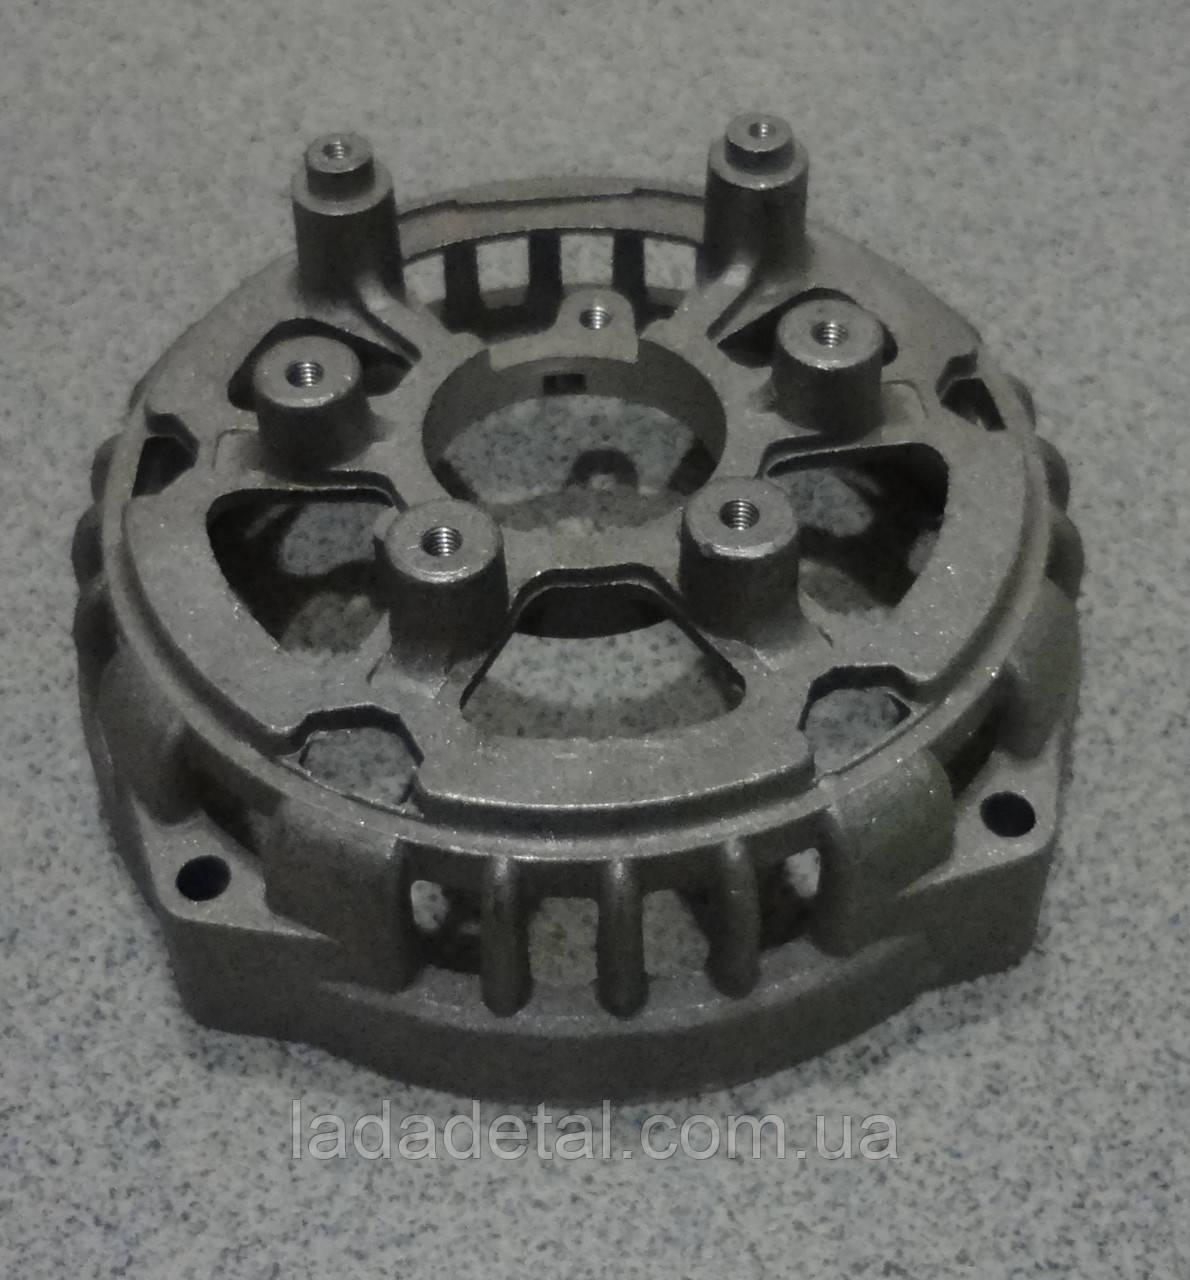 Крышка генератора задняя ВАЗ 2110 2111 2112  94.301